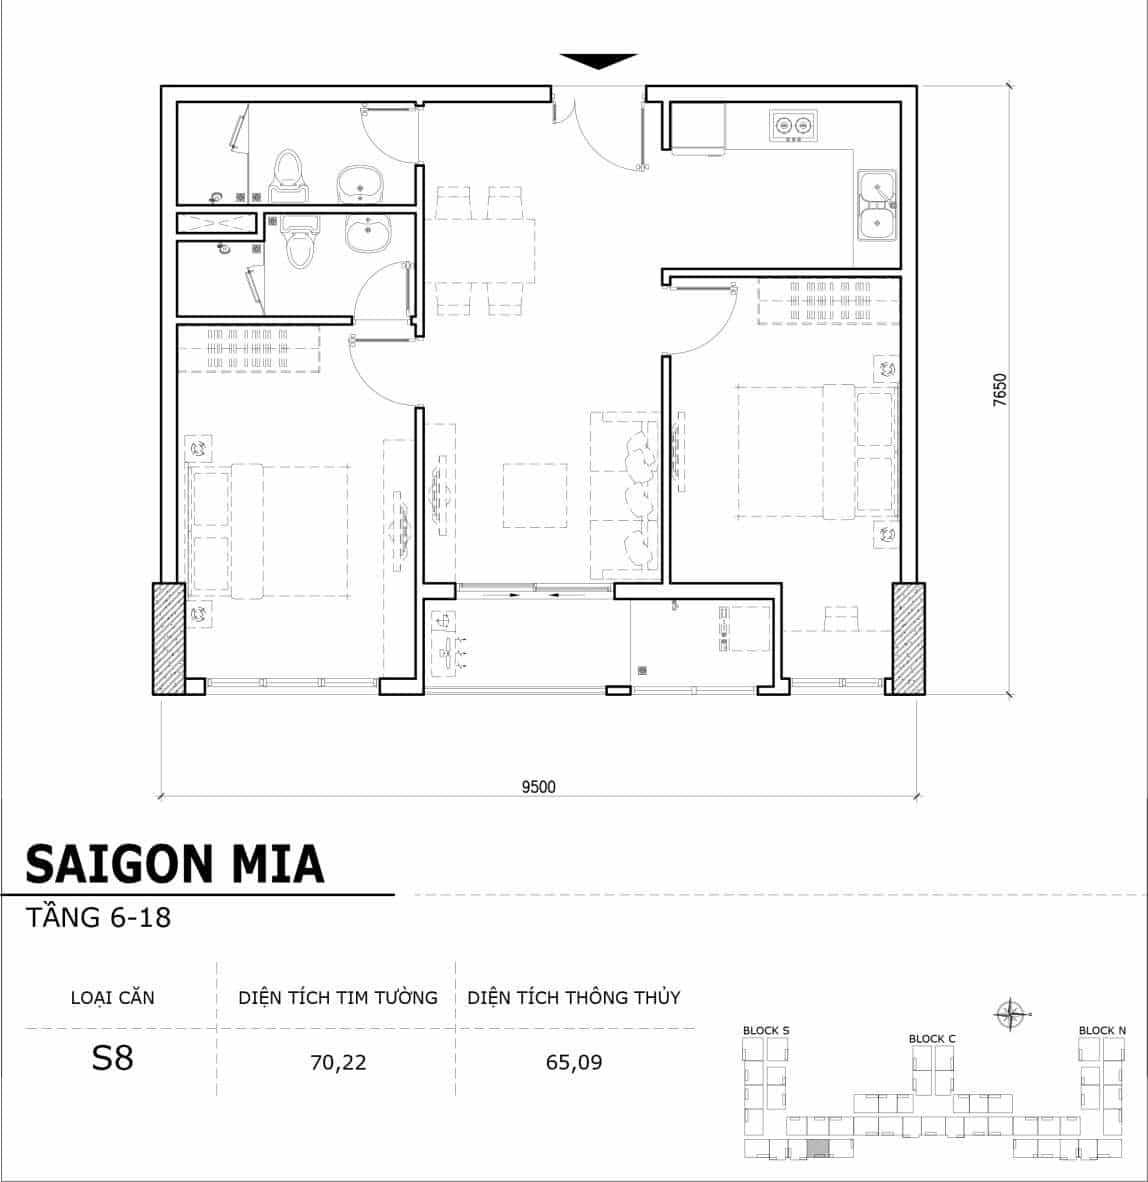 Chi tiết thiết kế căn hộ điển hình tầng 6-18 dự án Sài Gòn Mia - Căn S8